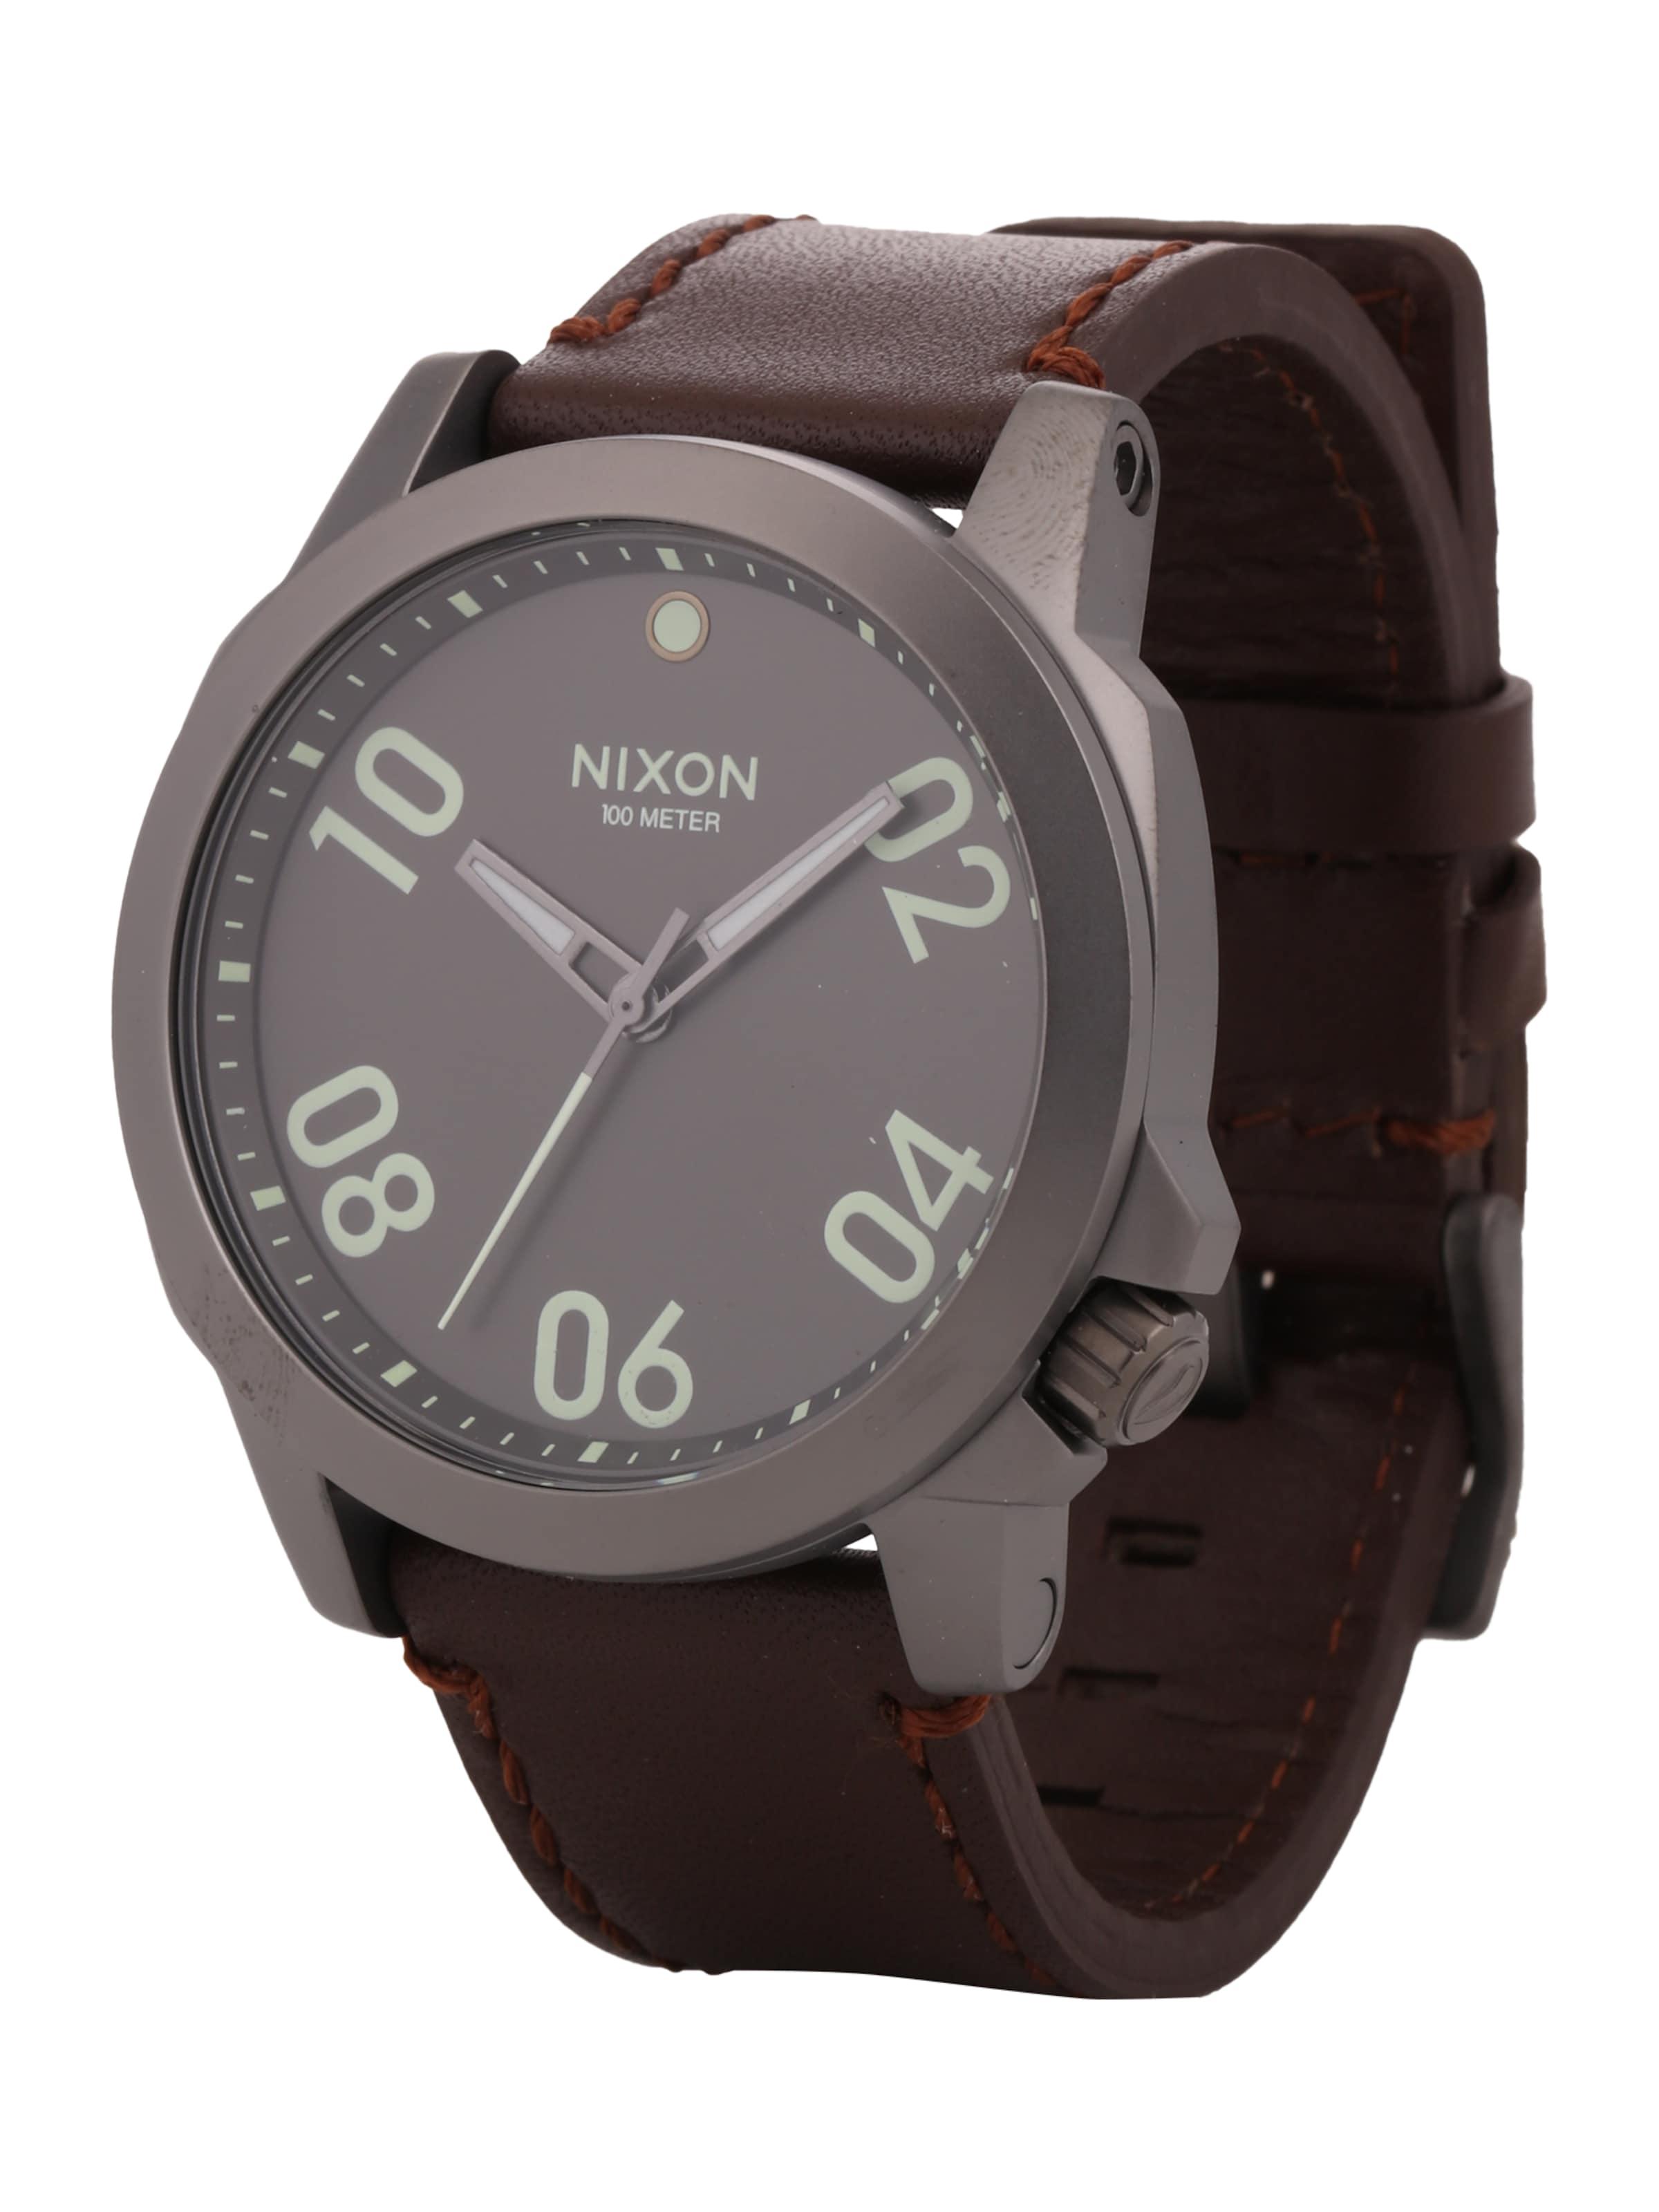 Nixon Armbanduhr 'Ranger 45 Leather' Kaufladen Für Schön Zu Verkaufen Billigste Zum Verkauf PkAlVF